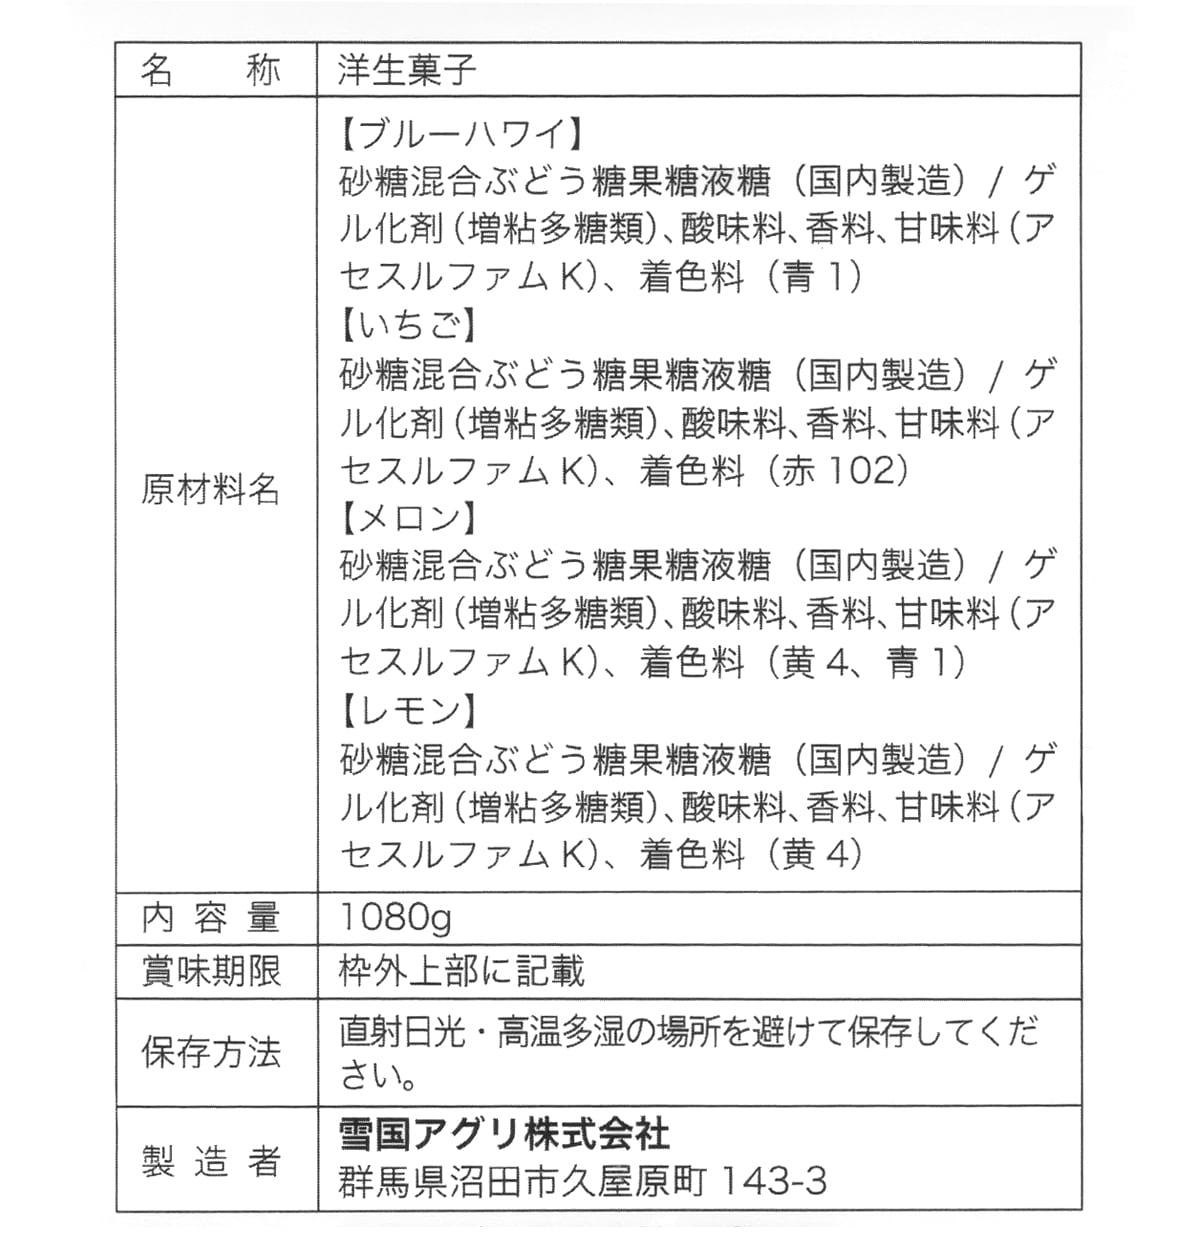 雪国アグリ フローズンゼリーミックス 1080g 裏面ラベル(原材料ほか)